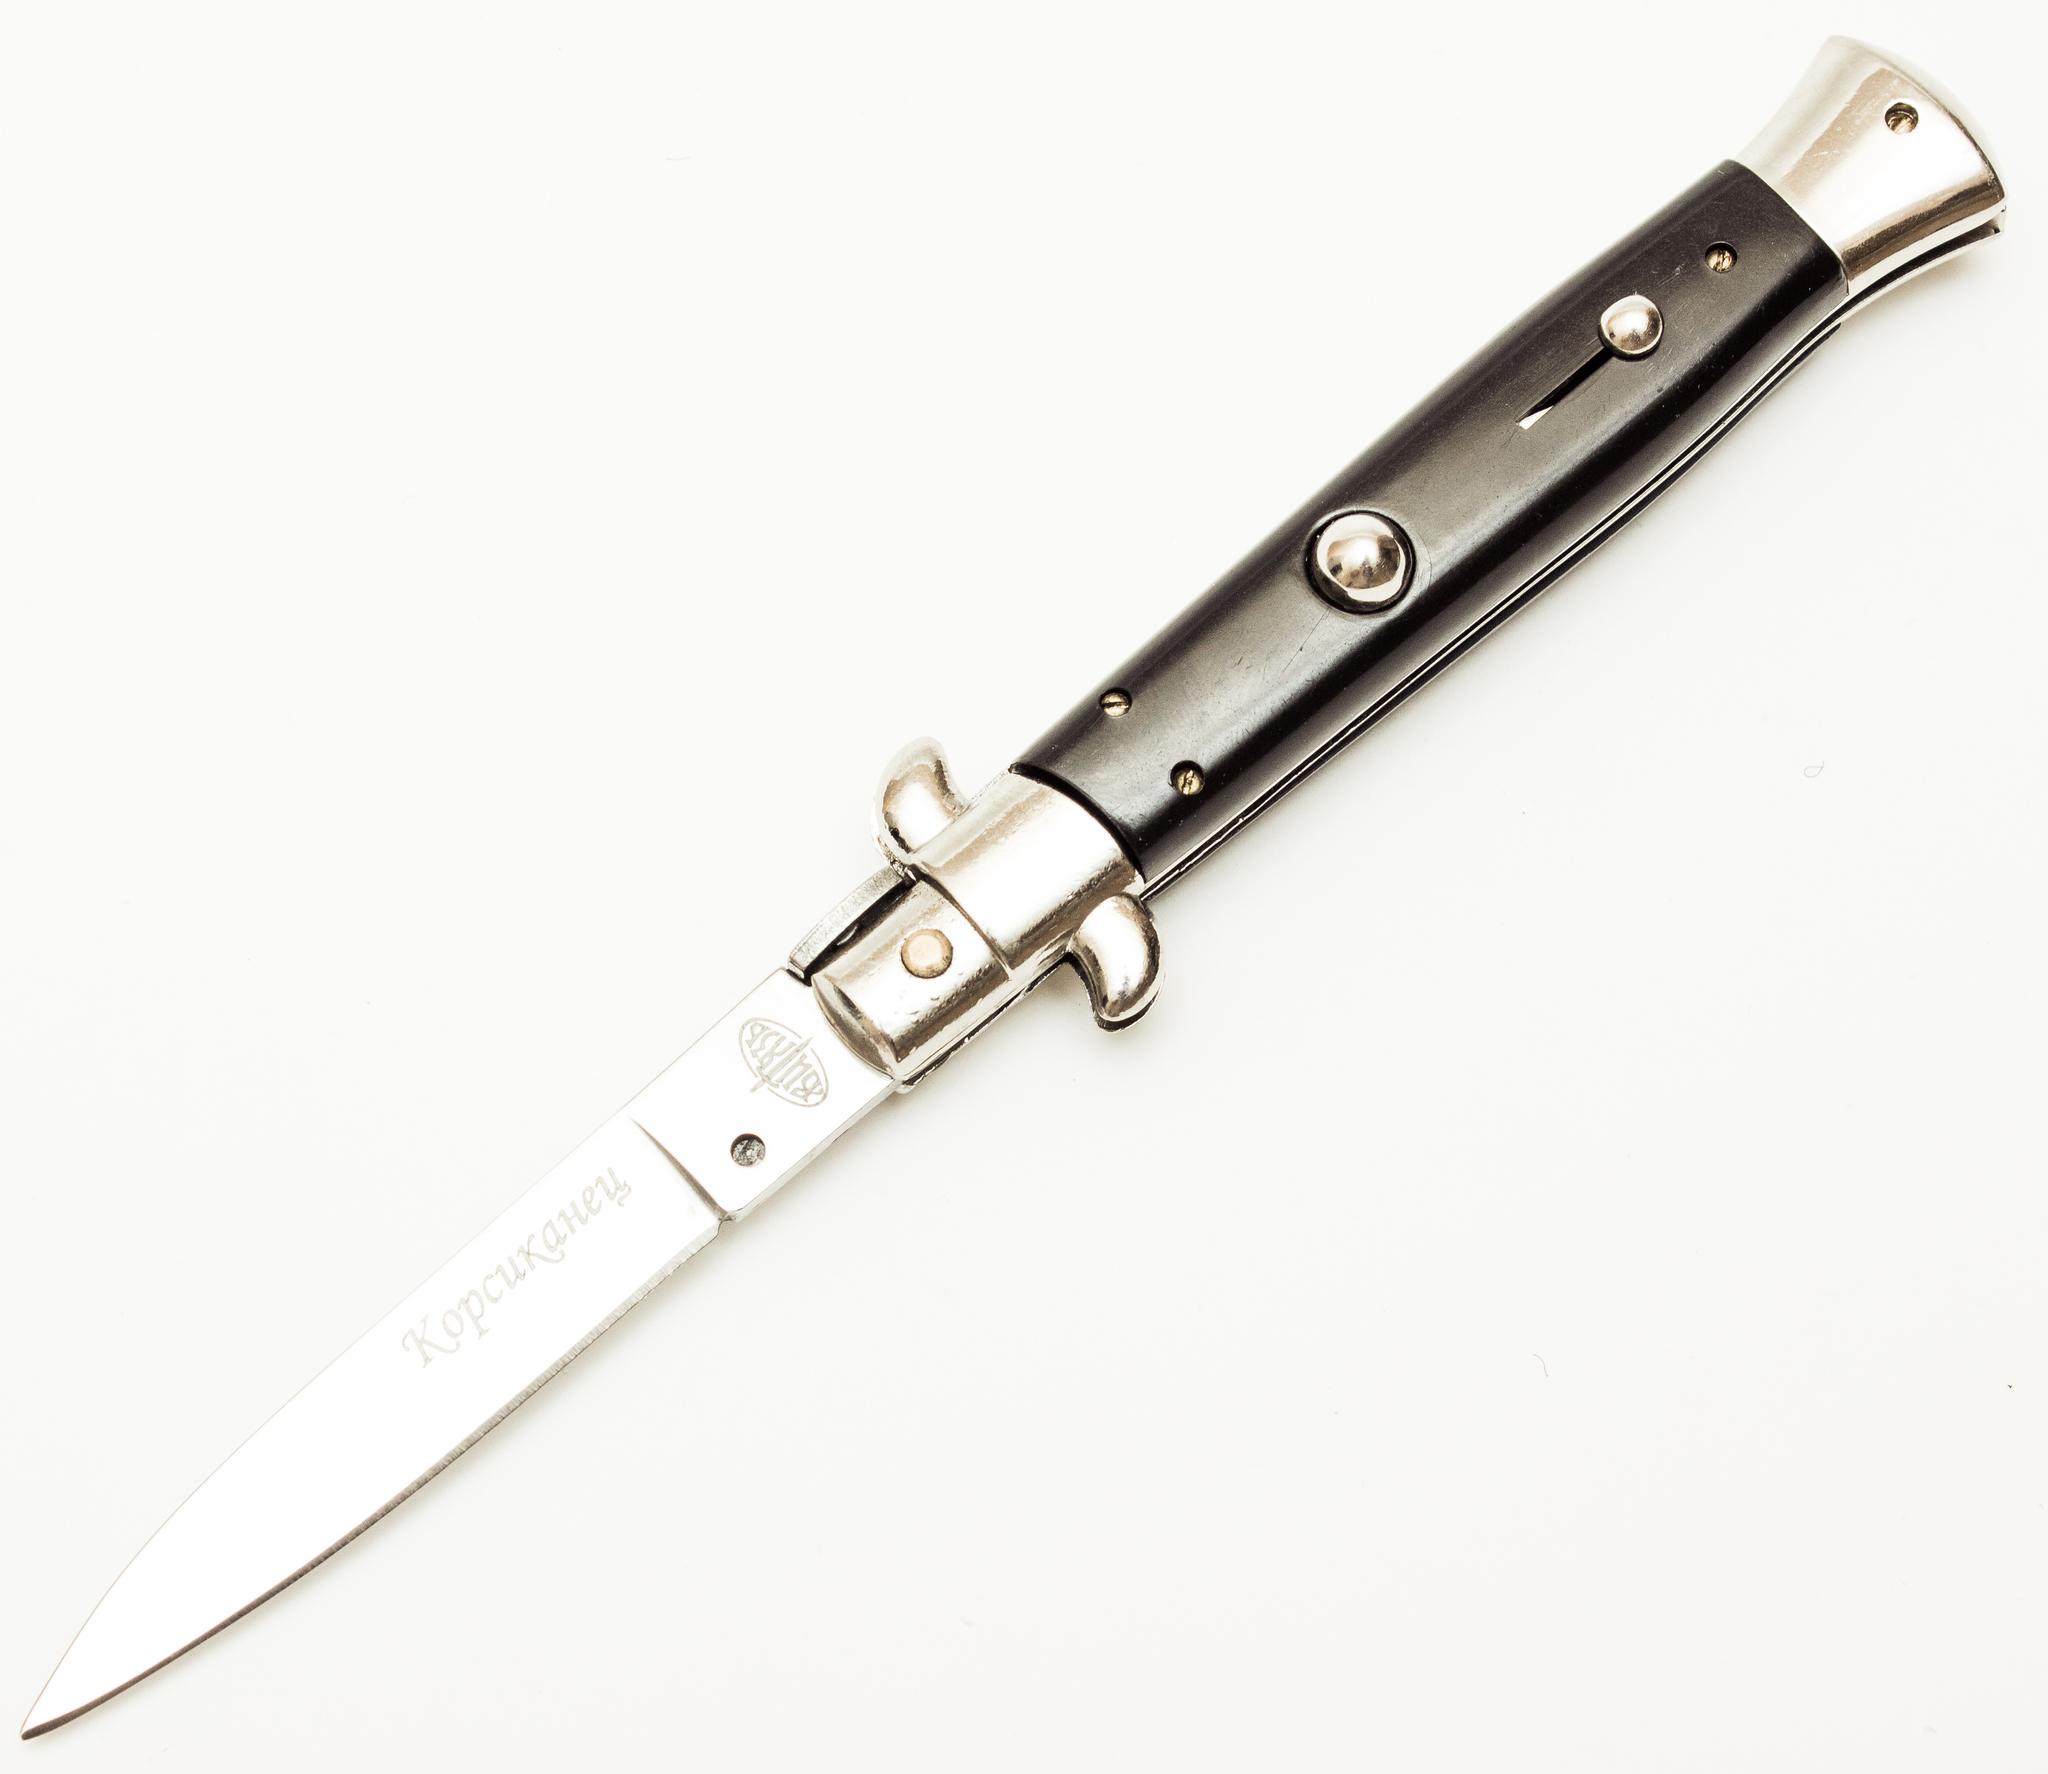 Выкидной нож Корсиканец, Витязь